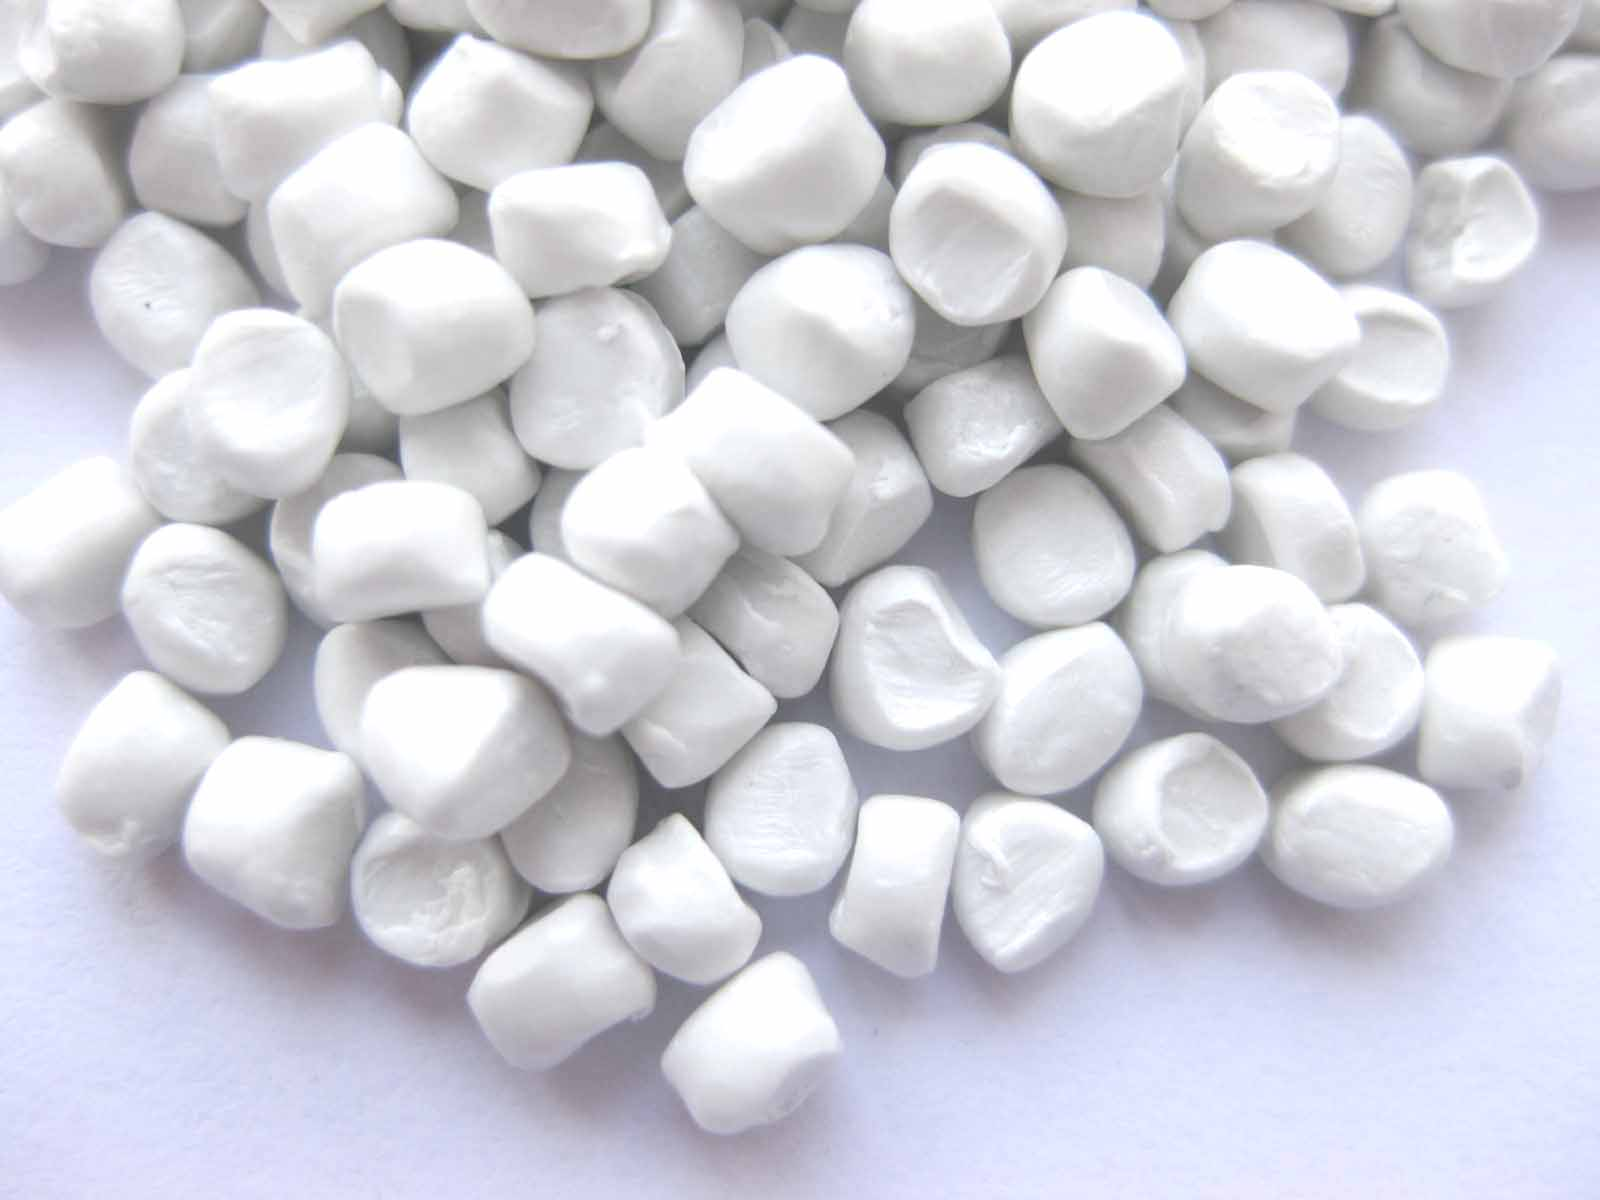 质量好的填充母粒生产-具有口碑的填充母粒选哪家